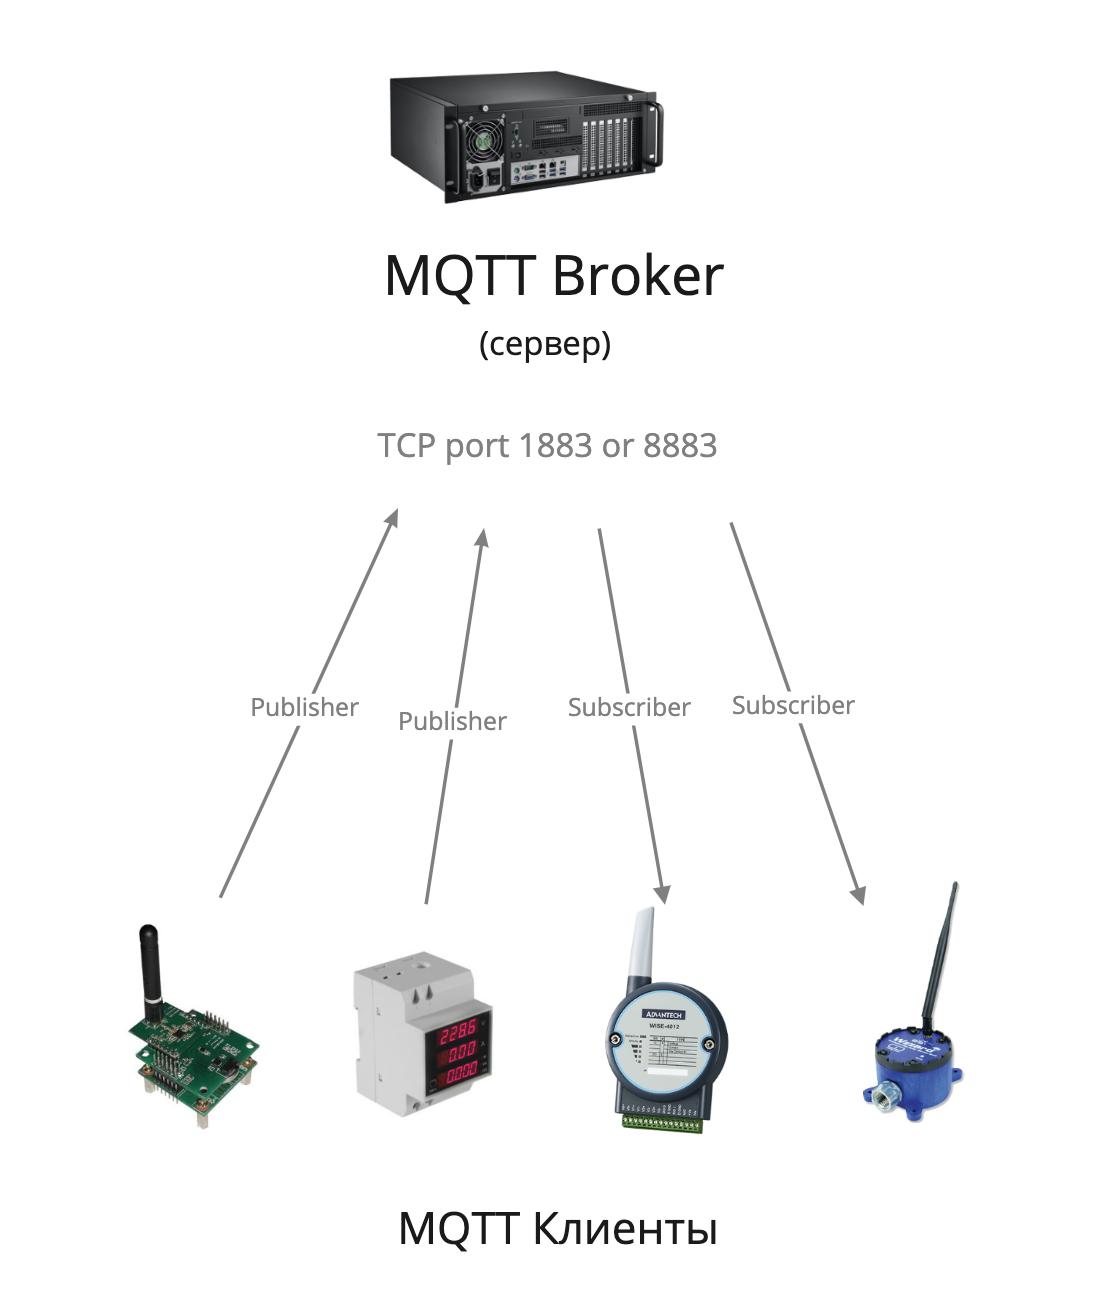 Как общаются машины — протокол MQTT - 3